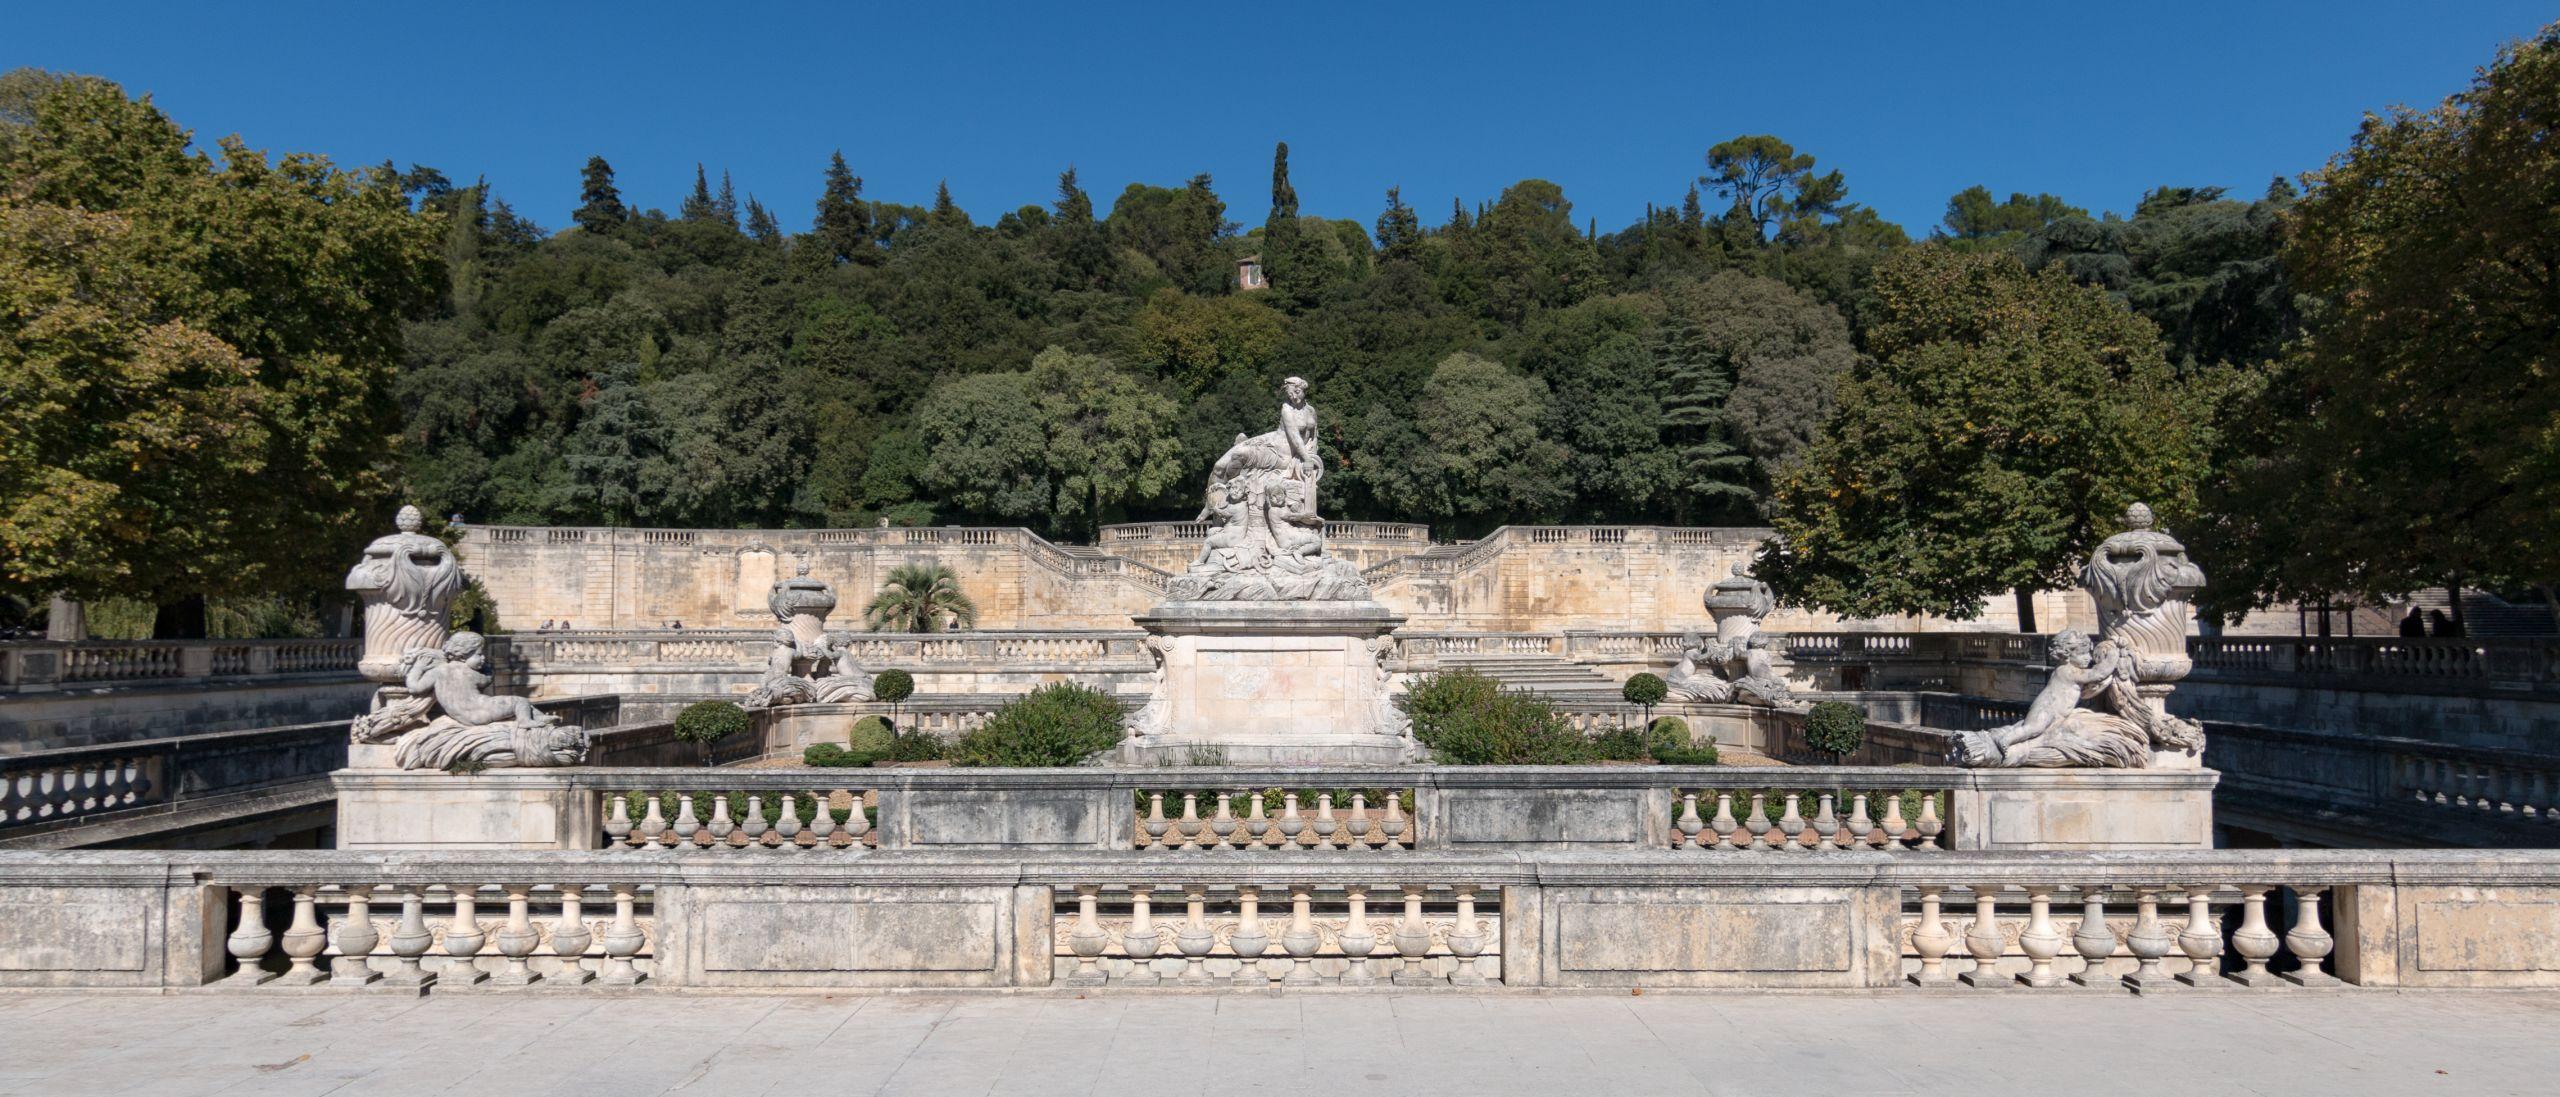 Jardin Nimes Nouveau File Mk Jardins De La Fontaine N Mes Wikimedia Of 34 Luxe Jardin Nimes